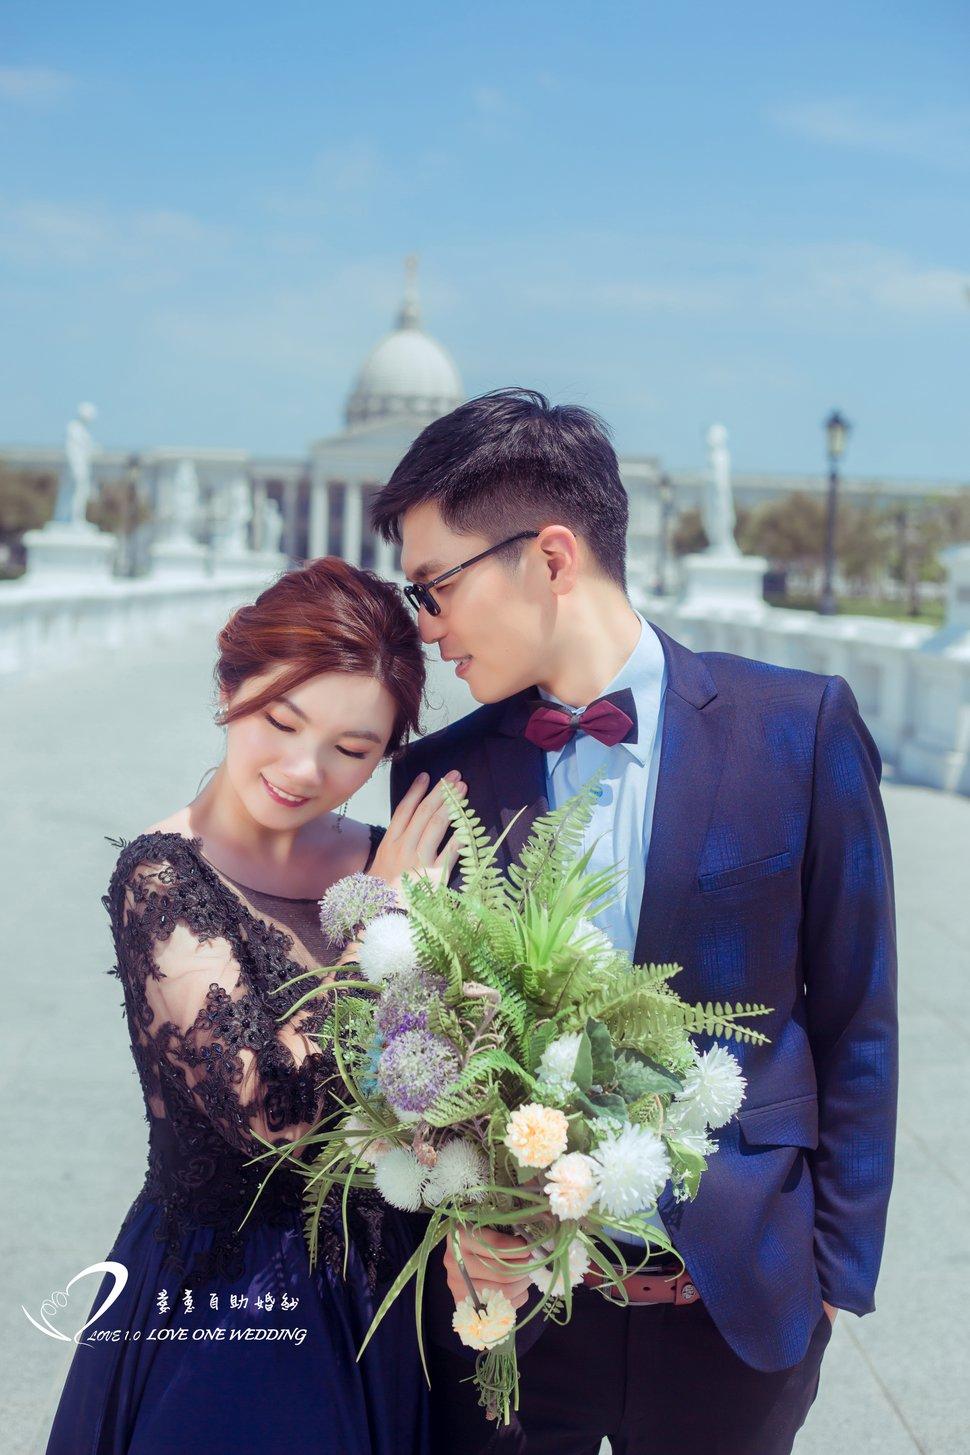 高雄婚紗愛意自助婚紗推薦710 - 高雄婚紗愛意婚紗攝影工作室《結婚吧》